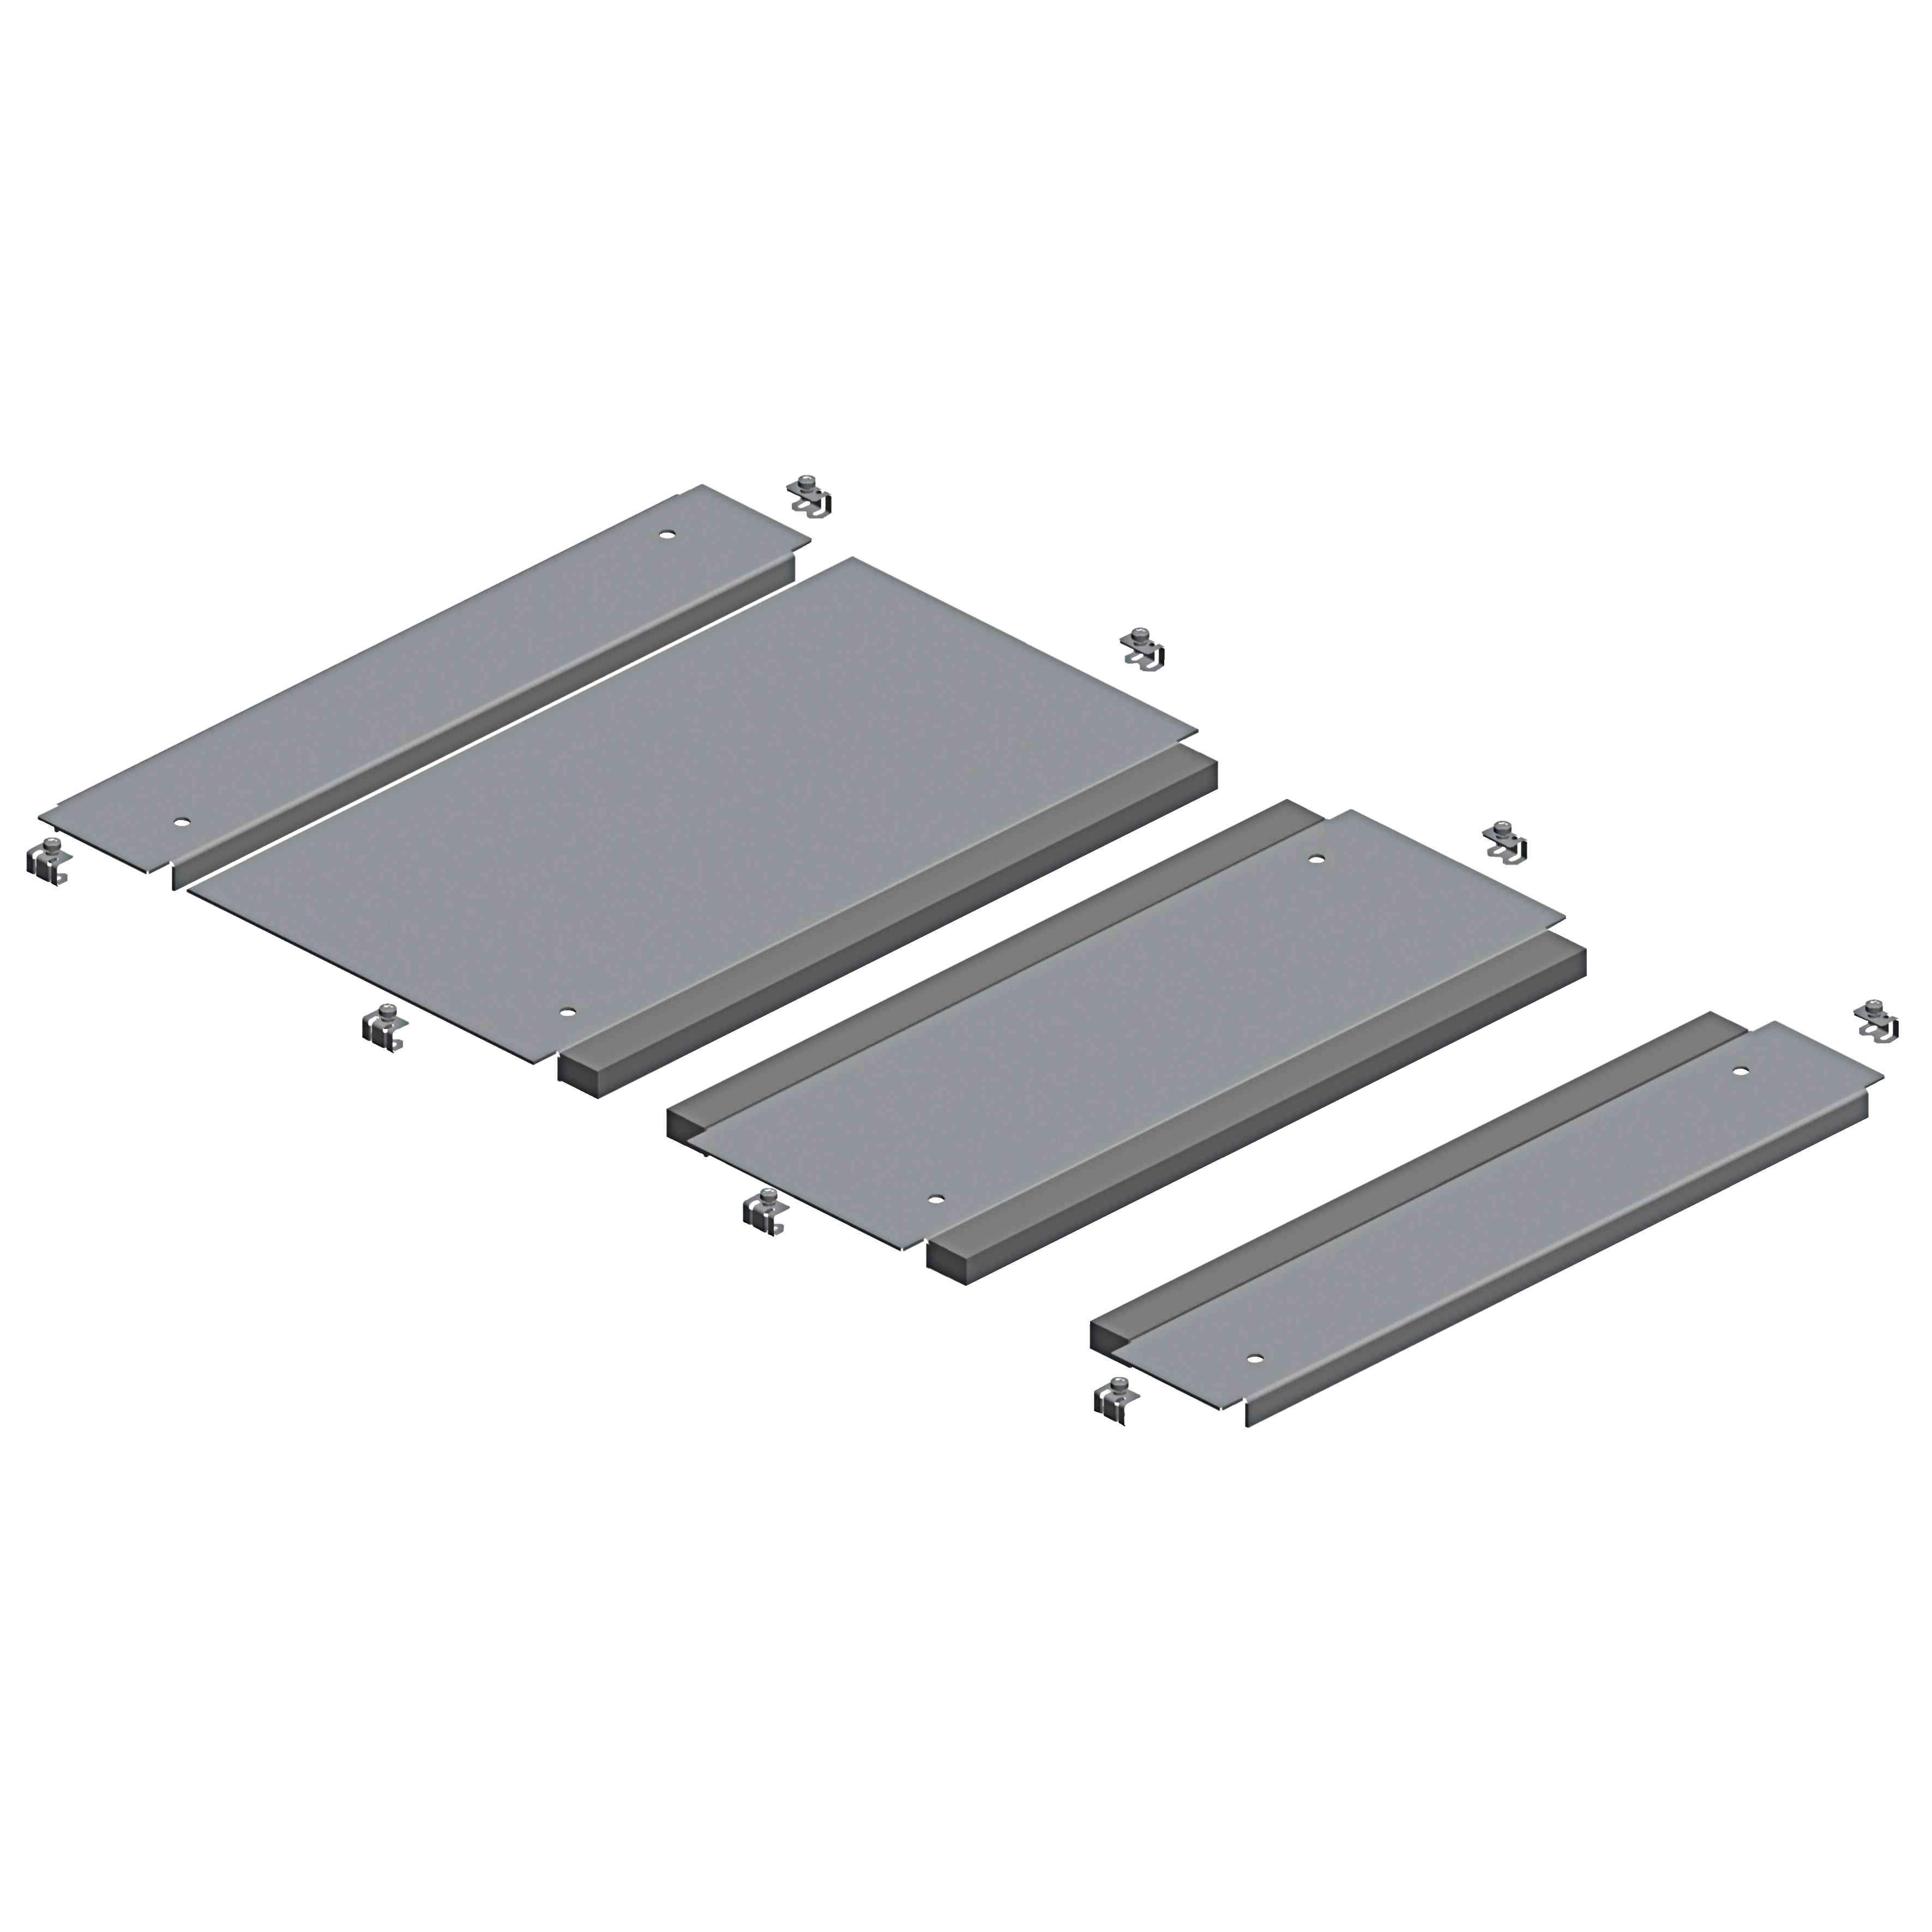 Plošča z 2 vhod. Spacial SF s kab. uvodnicami - pritr. s sponkami - 800 x 600 mm